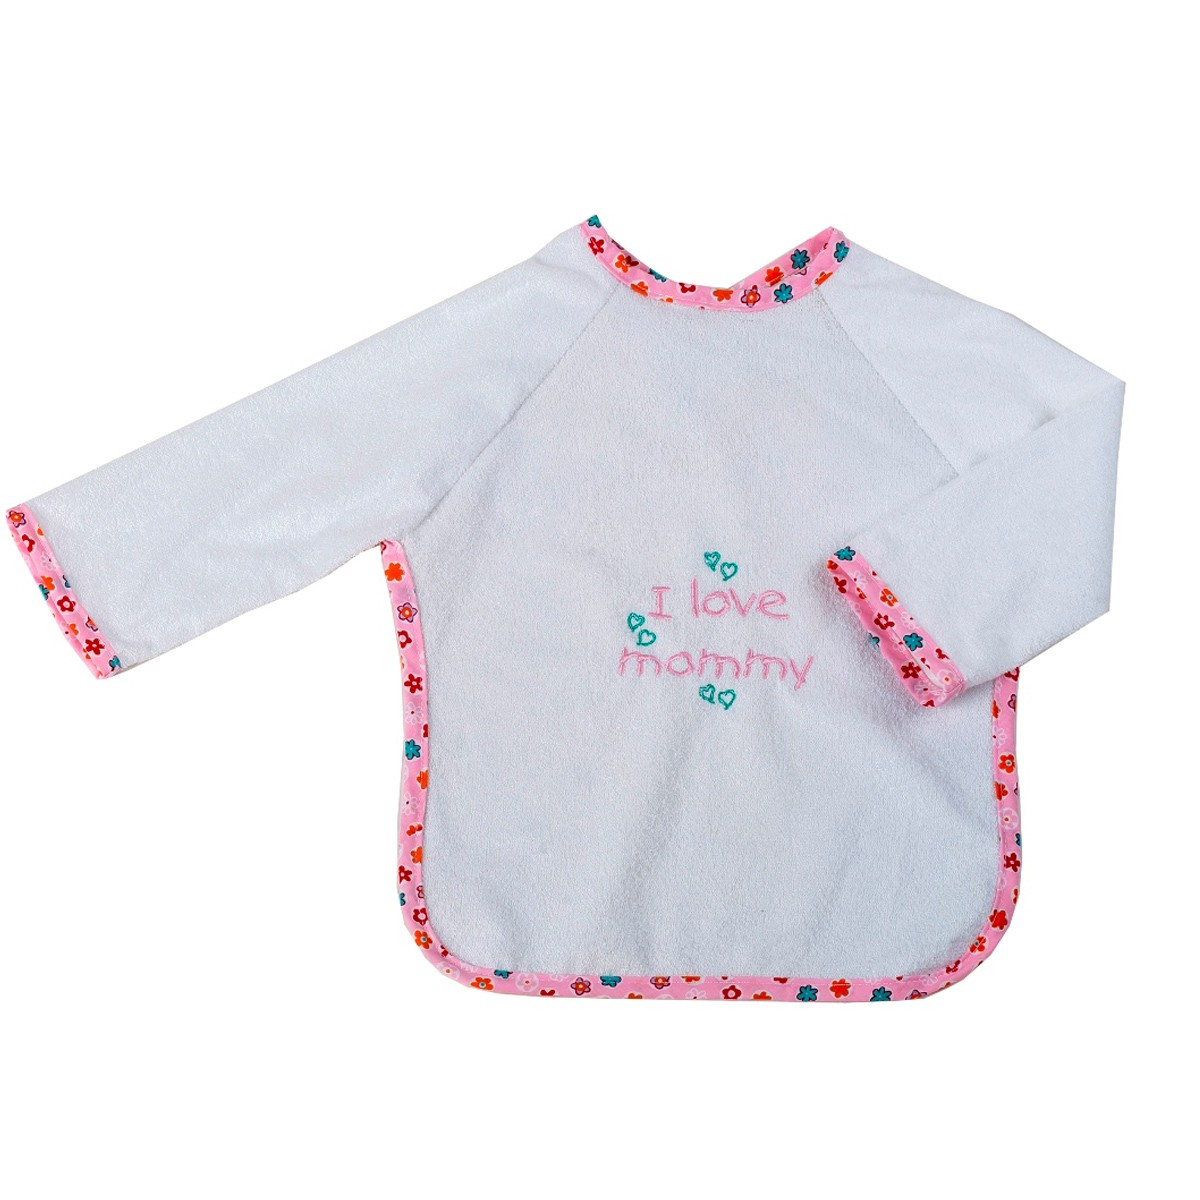 Σαλιάρα Με Μανίκια Κόσμος Του Μωρού 0610 Mommy Ροζ home   βρεφικά   σαλιάρες βρεφικές